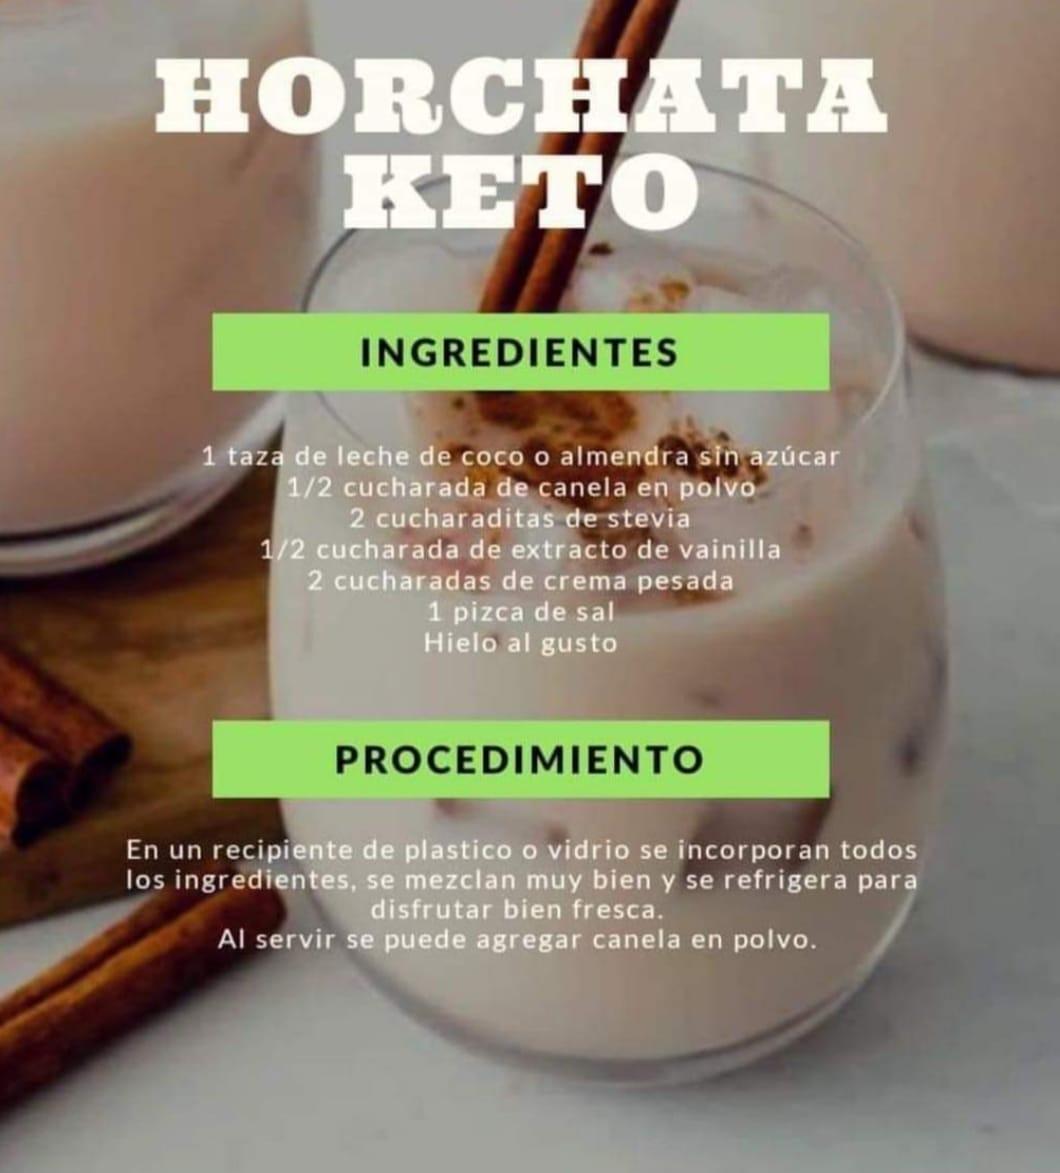 receta de horchata keto